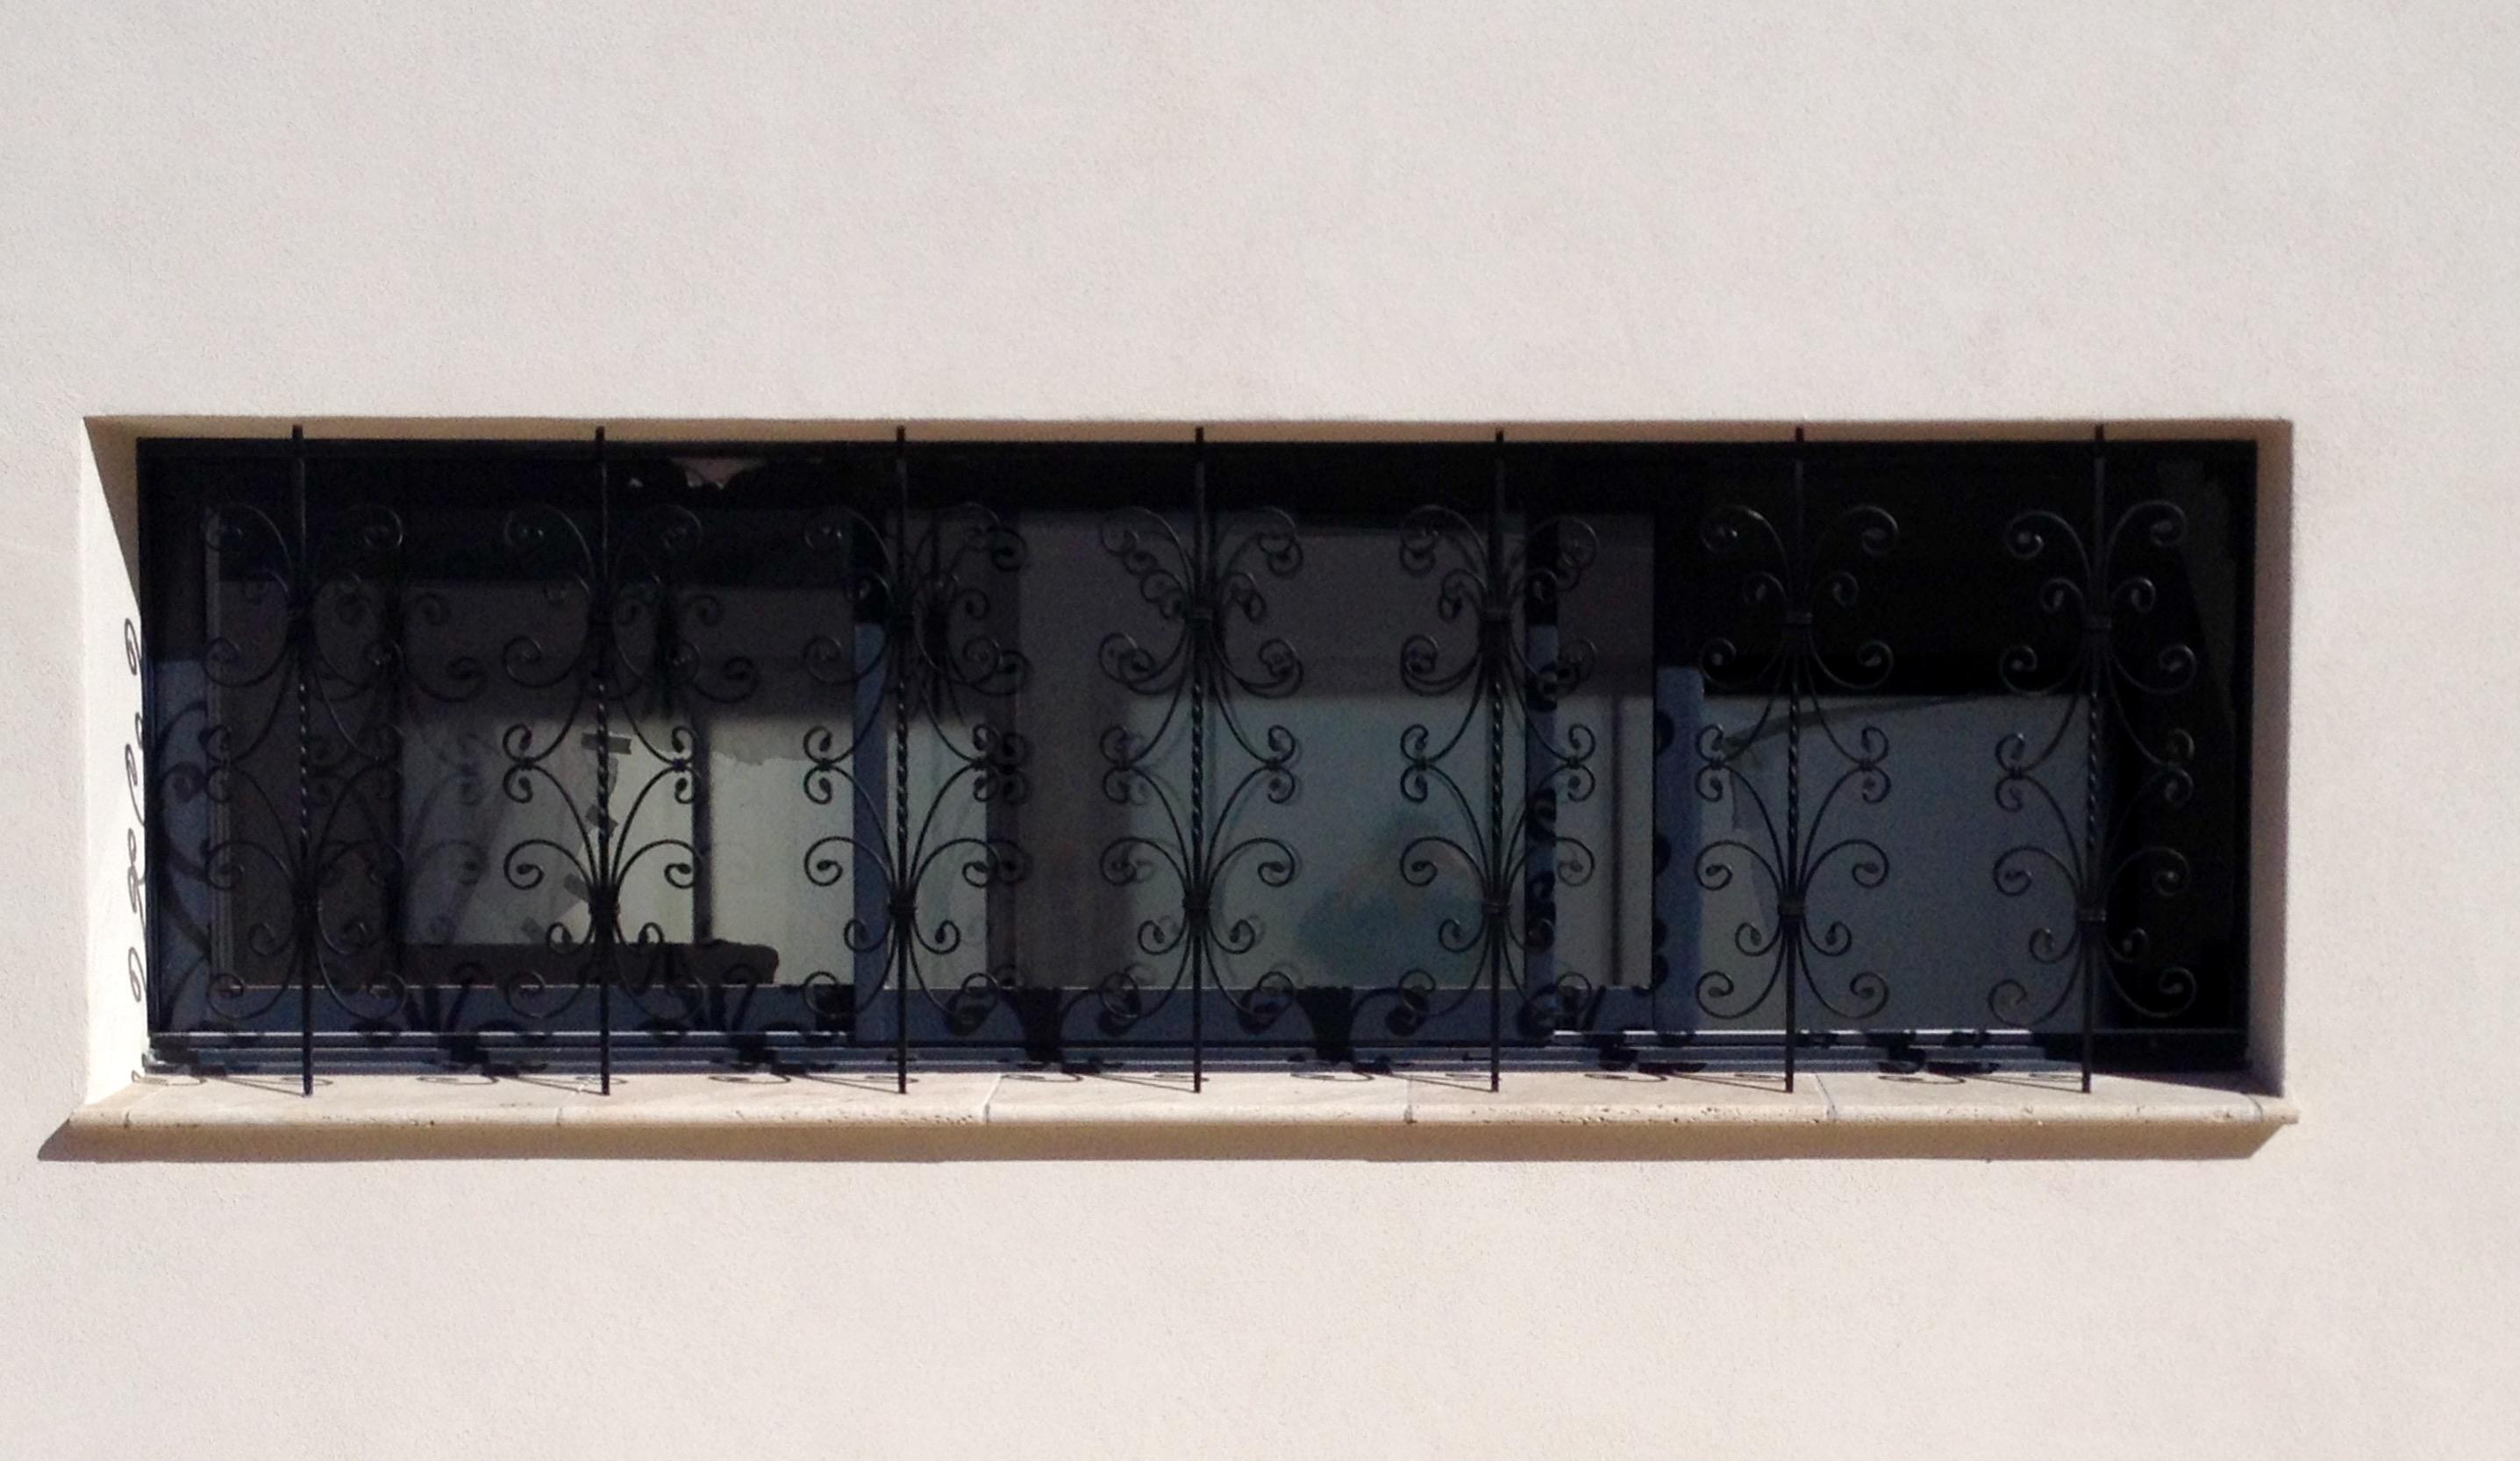 A la demande de notre client nous avons fabriqué sur mesure une série de barreaux fer forgé pour protection de fenètres- Localisation Corse